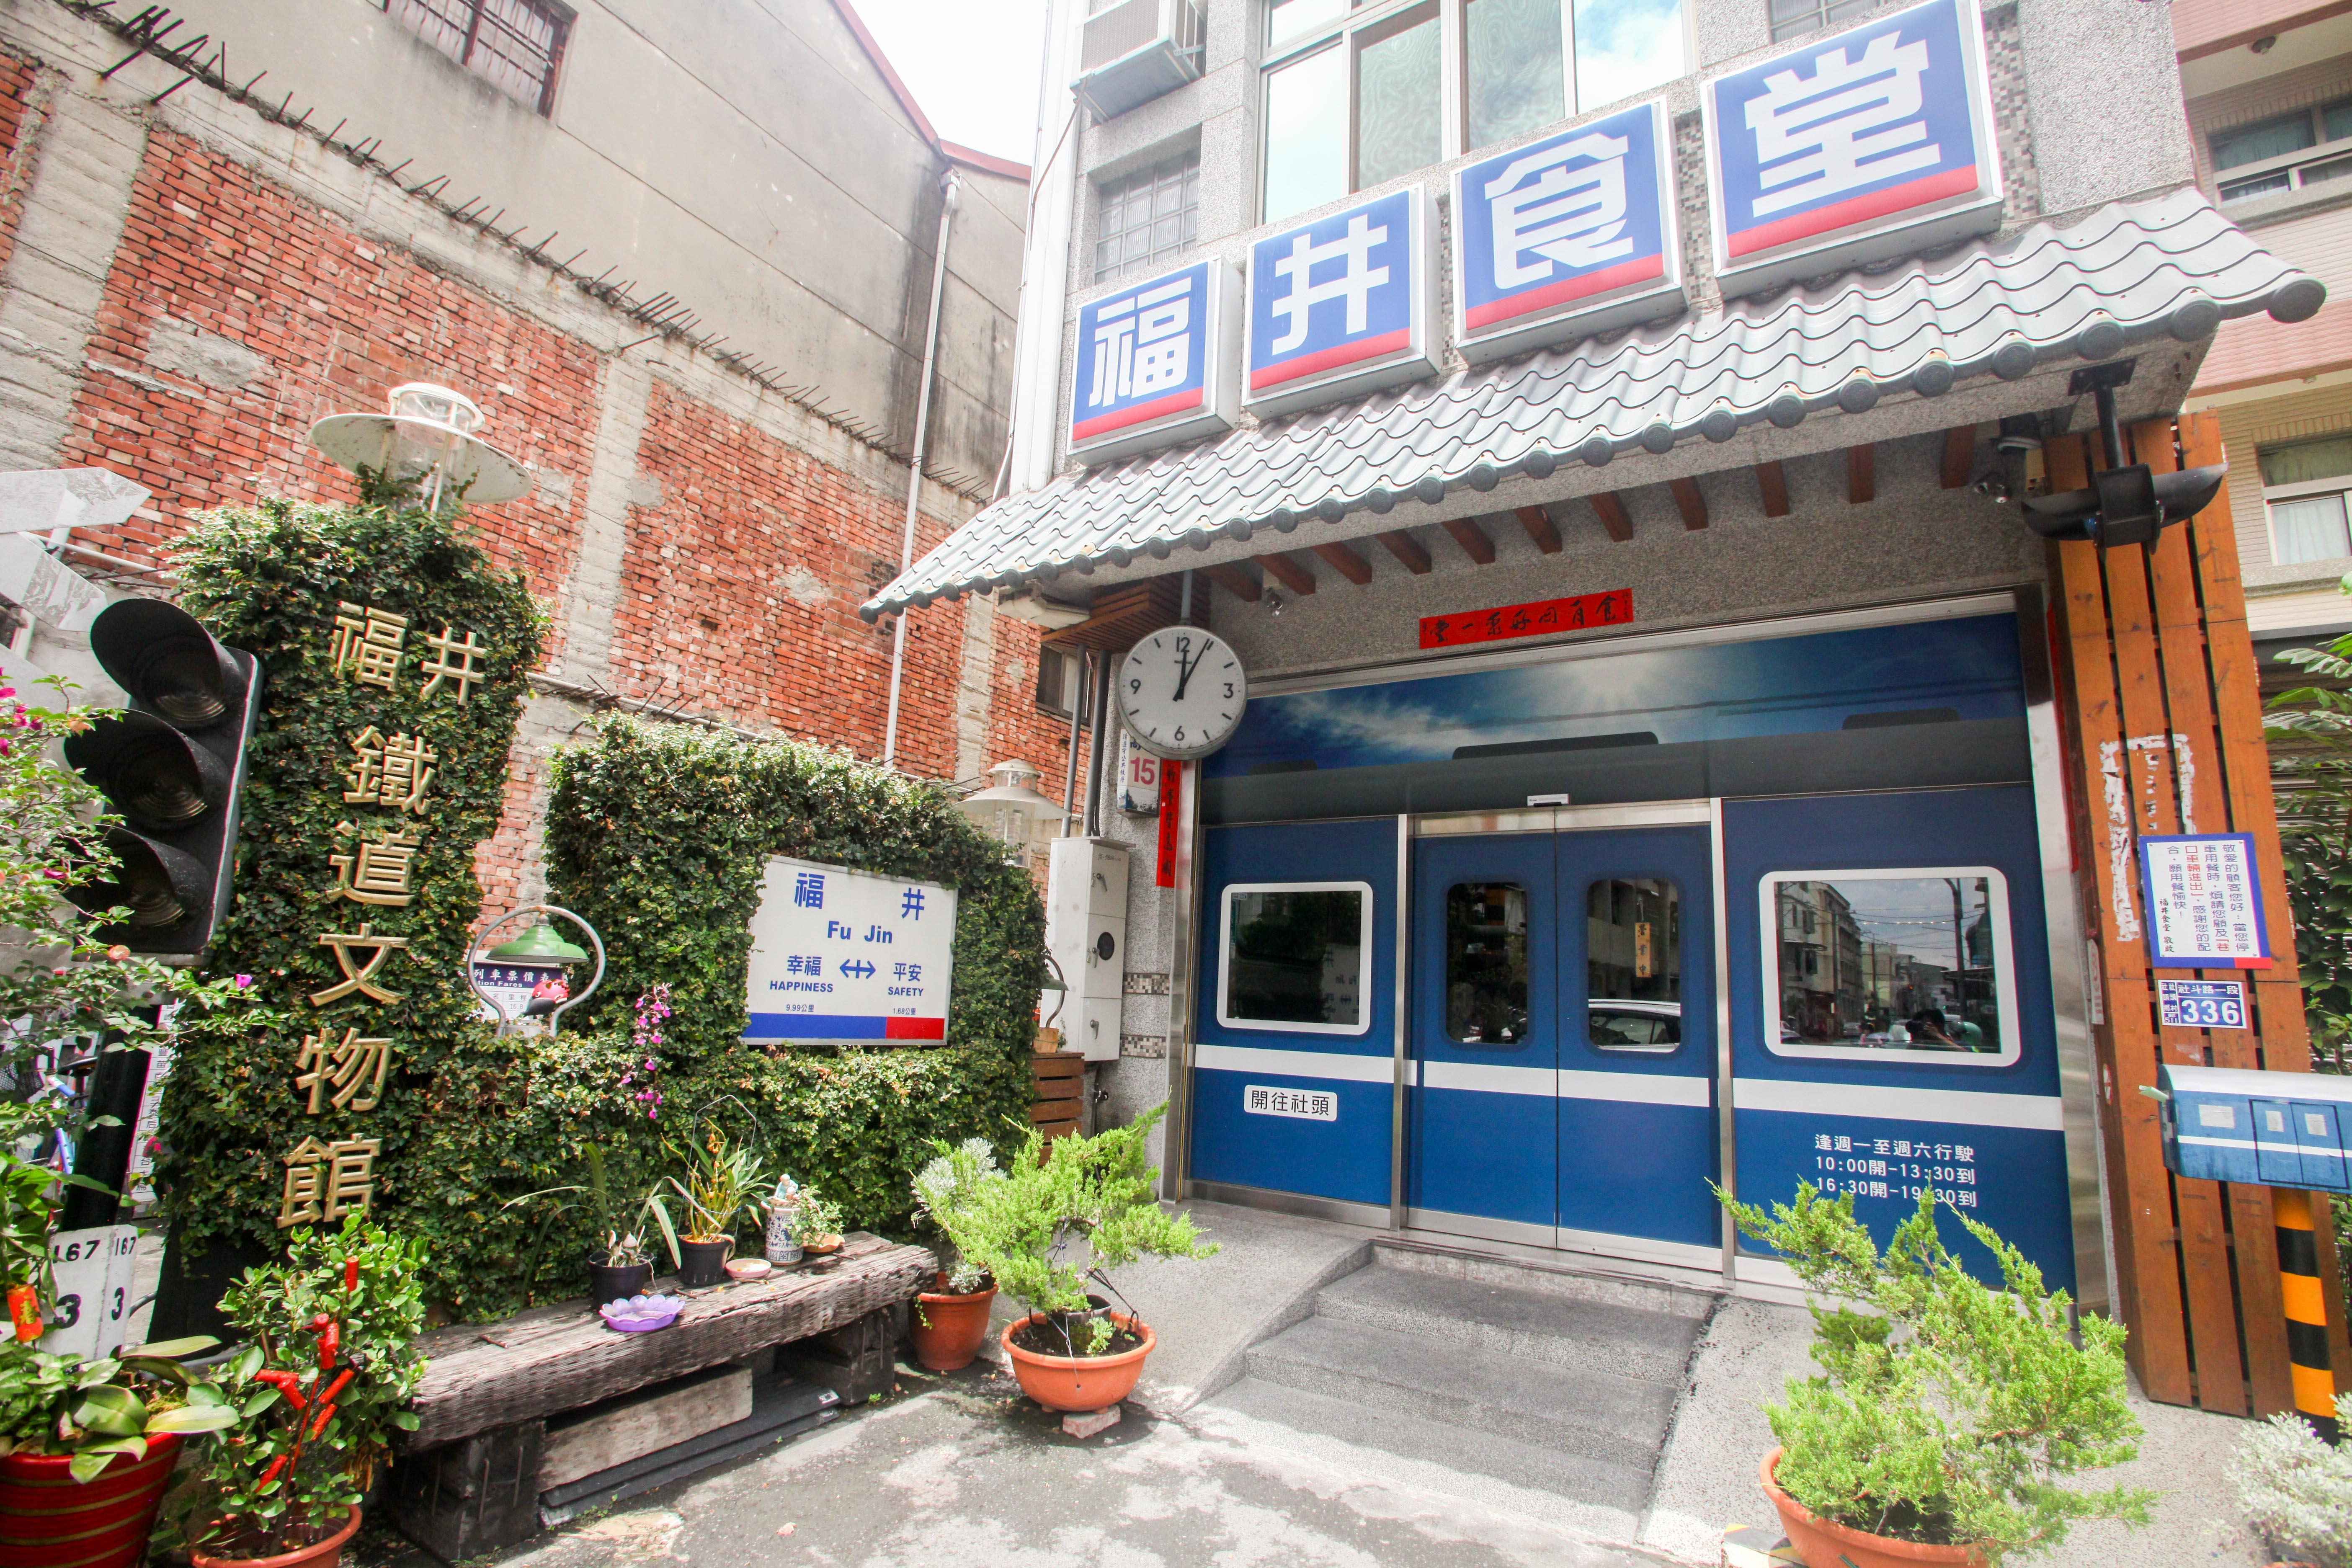 福井鉄道遺産博物館